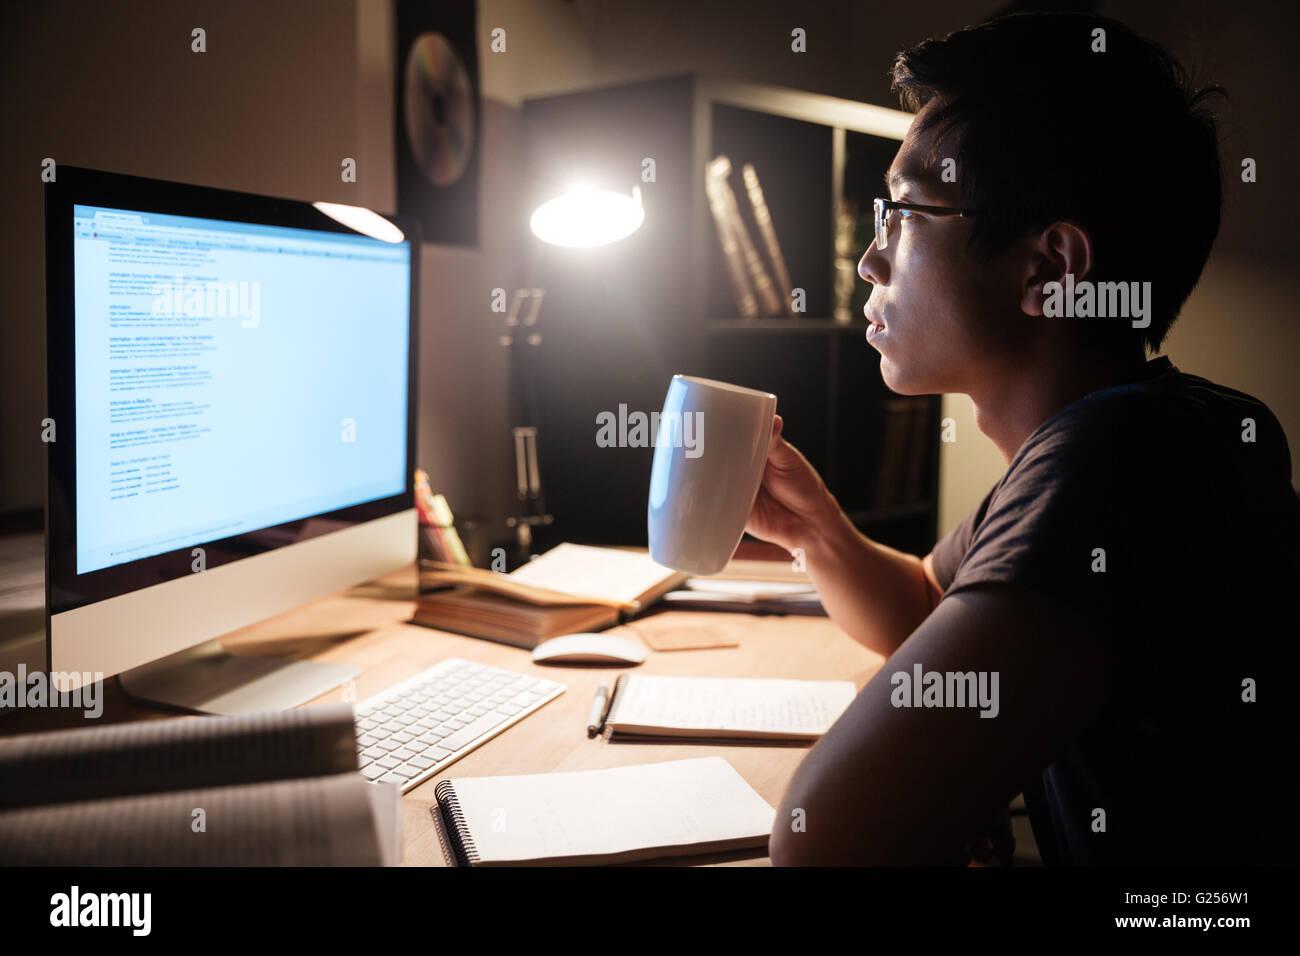 Profil von hübschen asiatischen jungen Mann studieren mit Computer und Teetrinken im dunklen Raum Stockbild